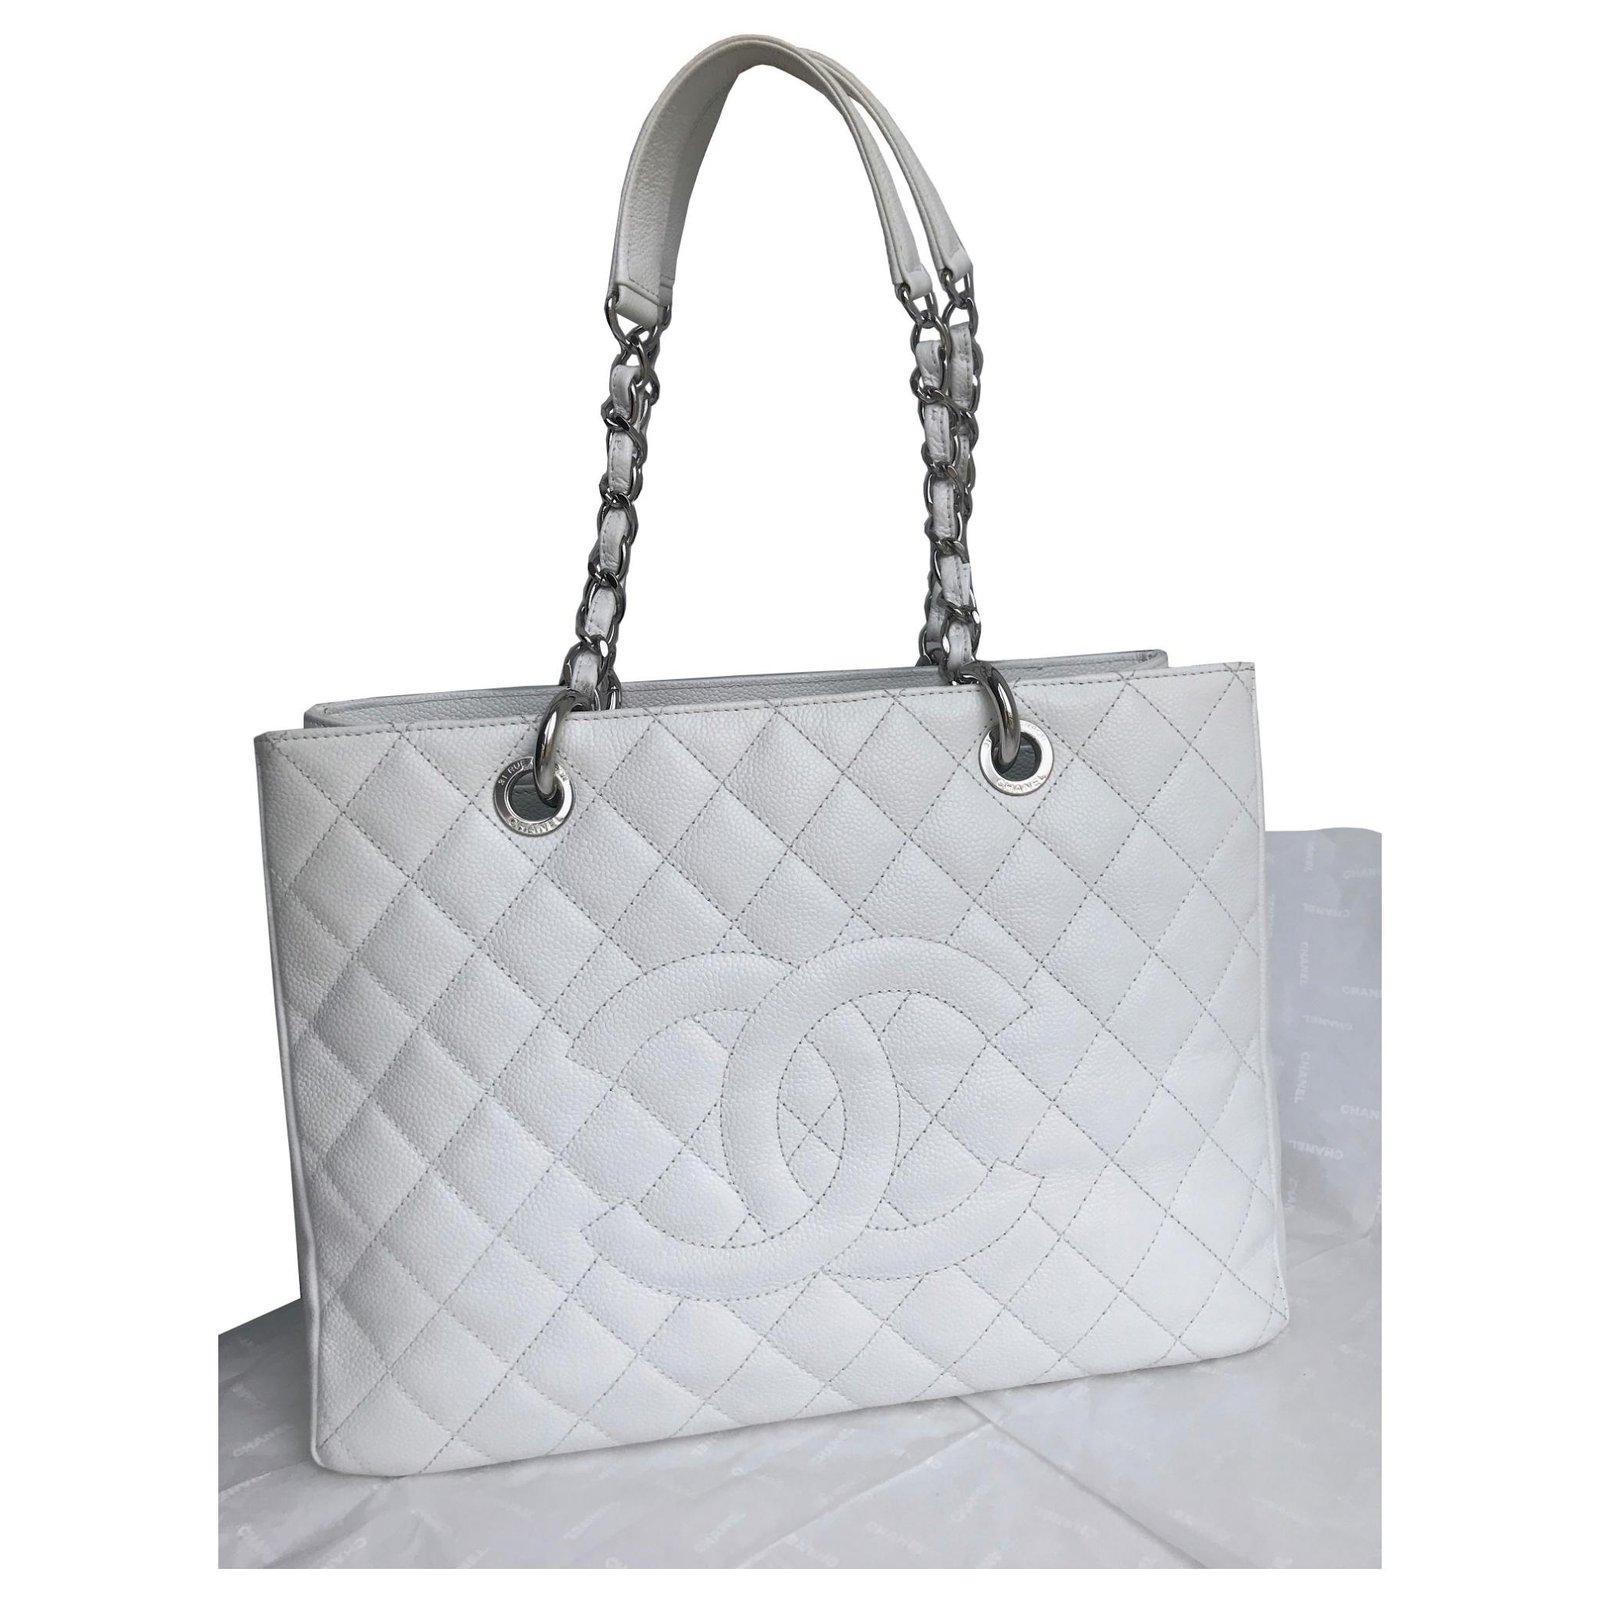 4fcc07b34816 Chanel GST Grand Shopping Tote 34cm in caviar leather Handbags Leather White  ref.118450 - Joli Closet